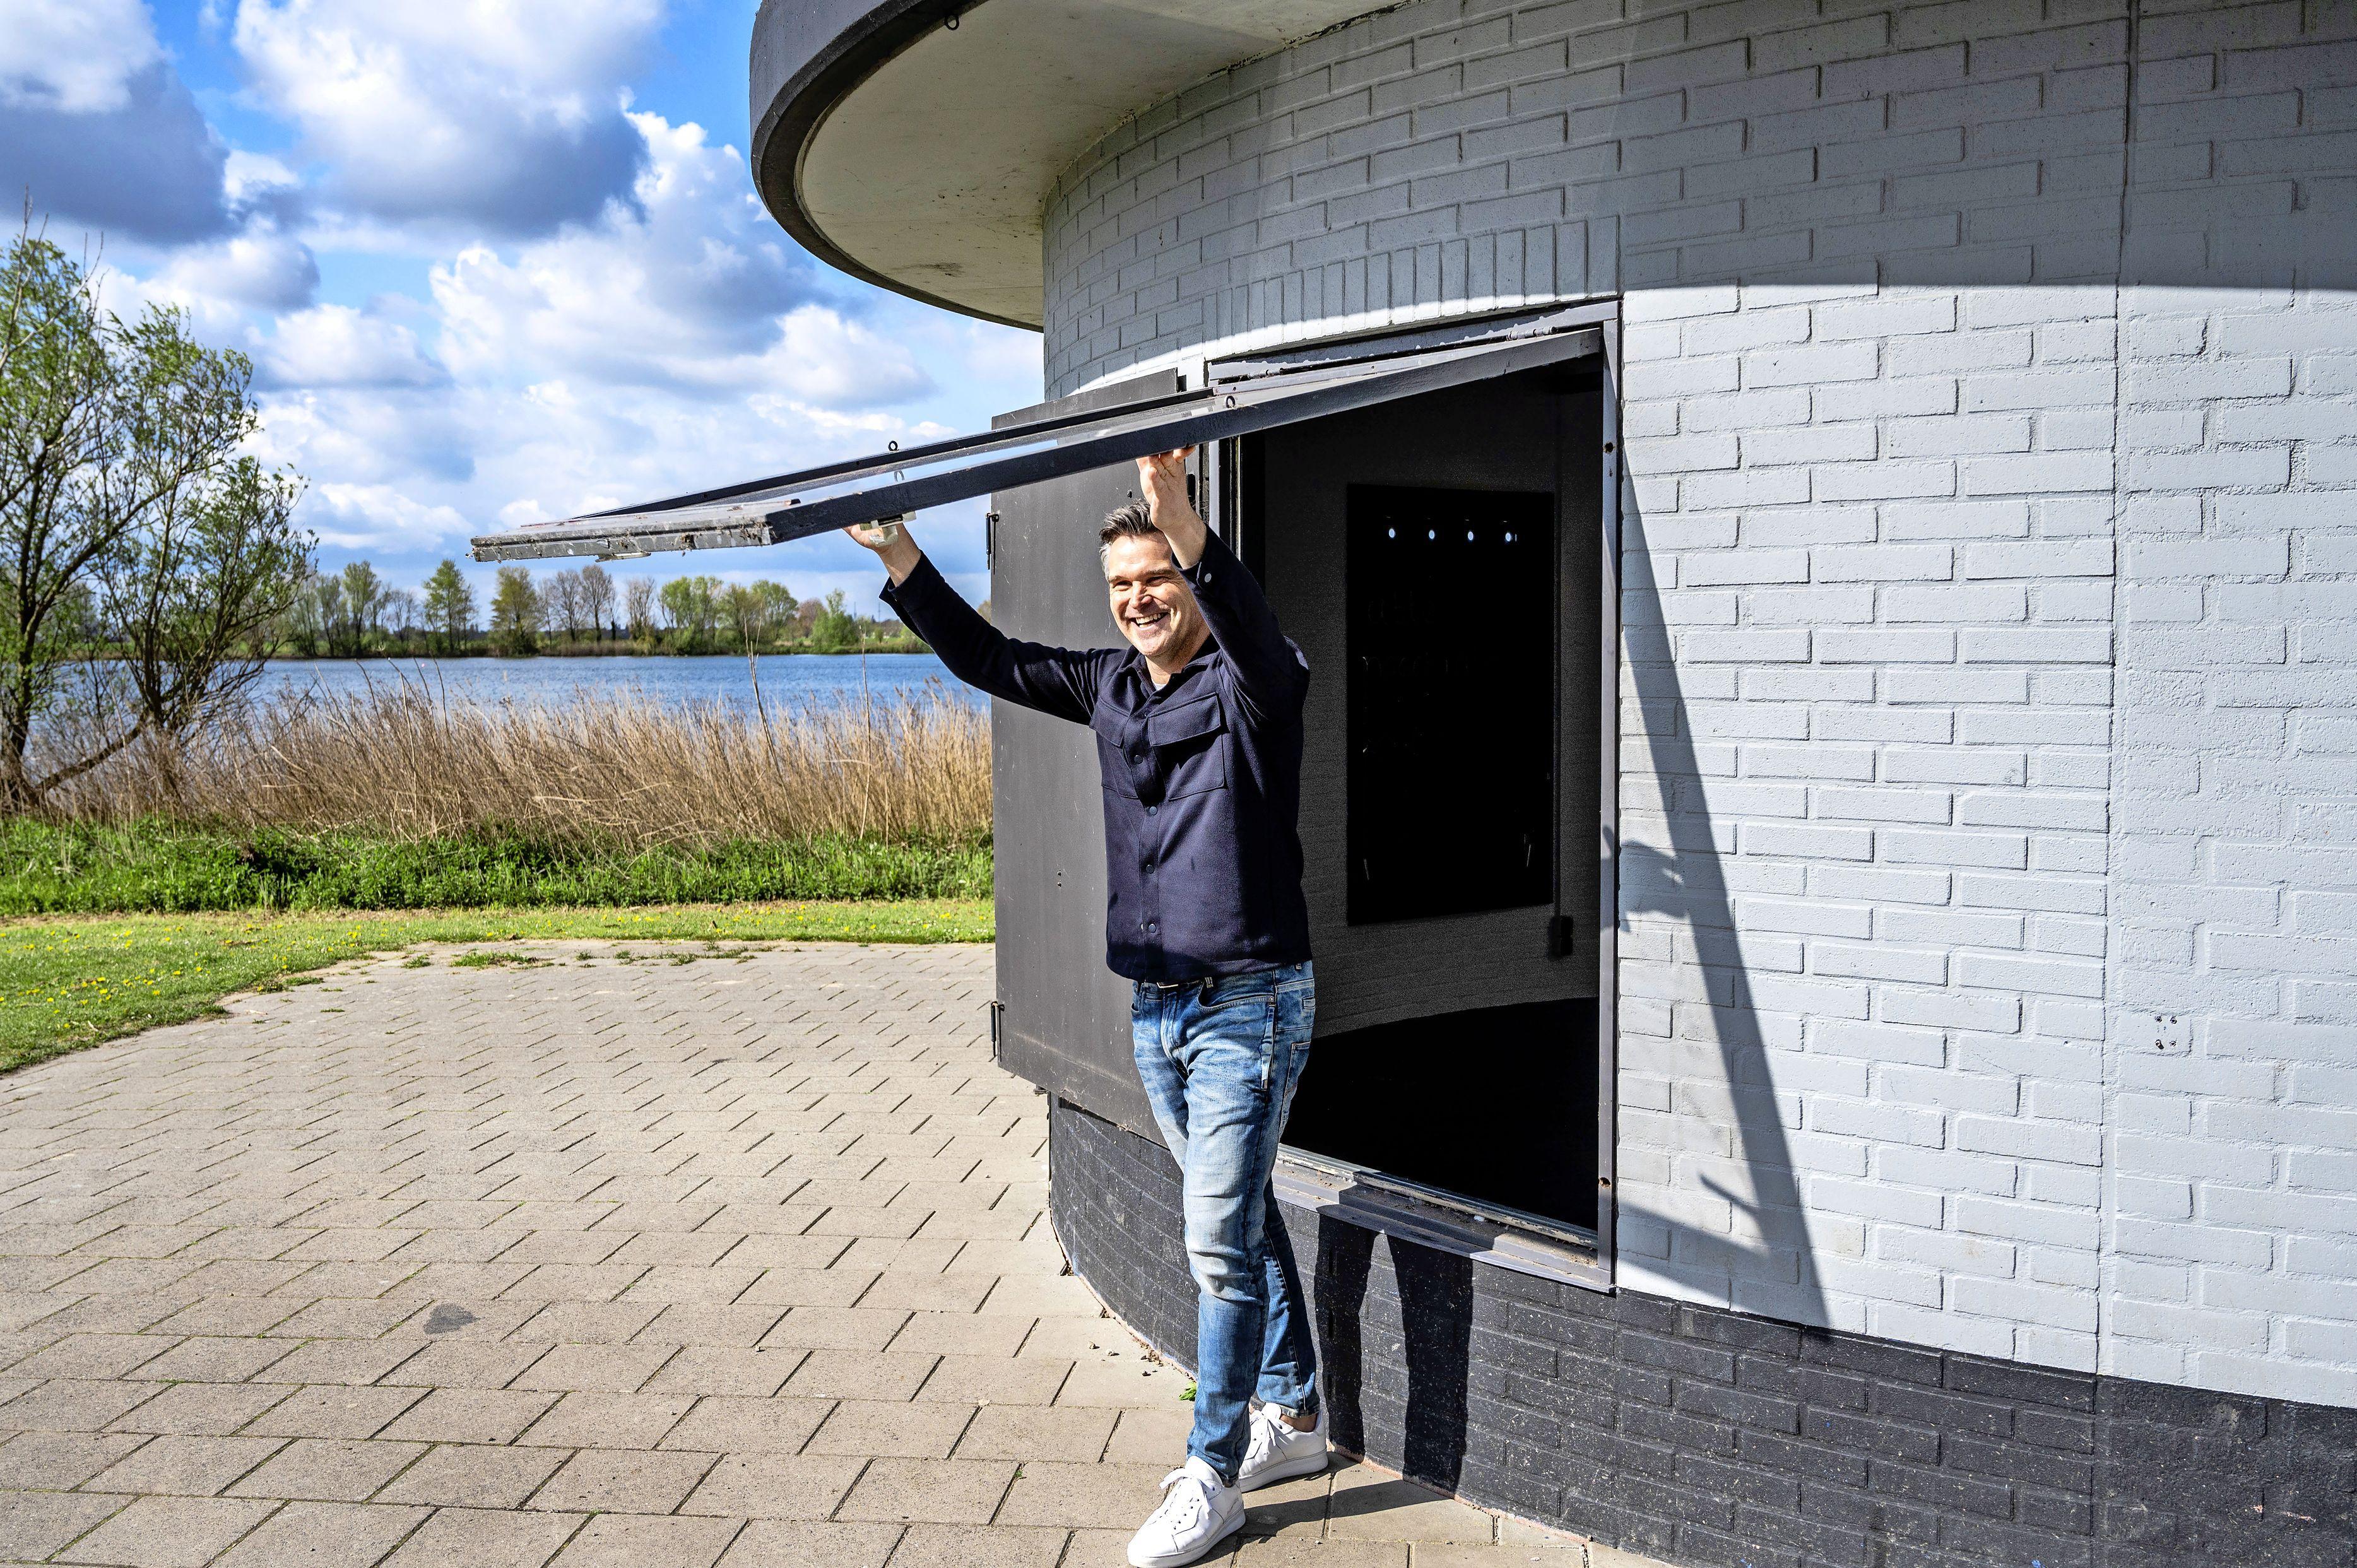 Econoom Virgil Haccou maakt zich op voor zomers avontuur met zijn nieuwe strandbar Mosun in Velserbroek. 'Deze locatie, gelegen bij een recreatiegebied, vind ik erg mooi'